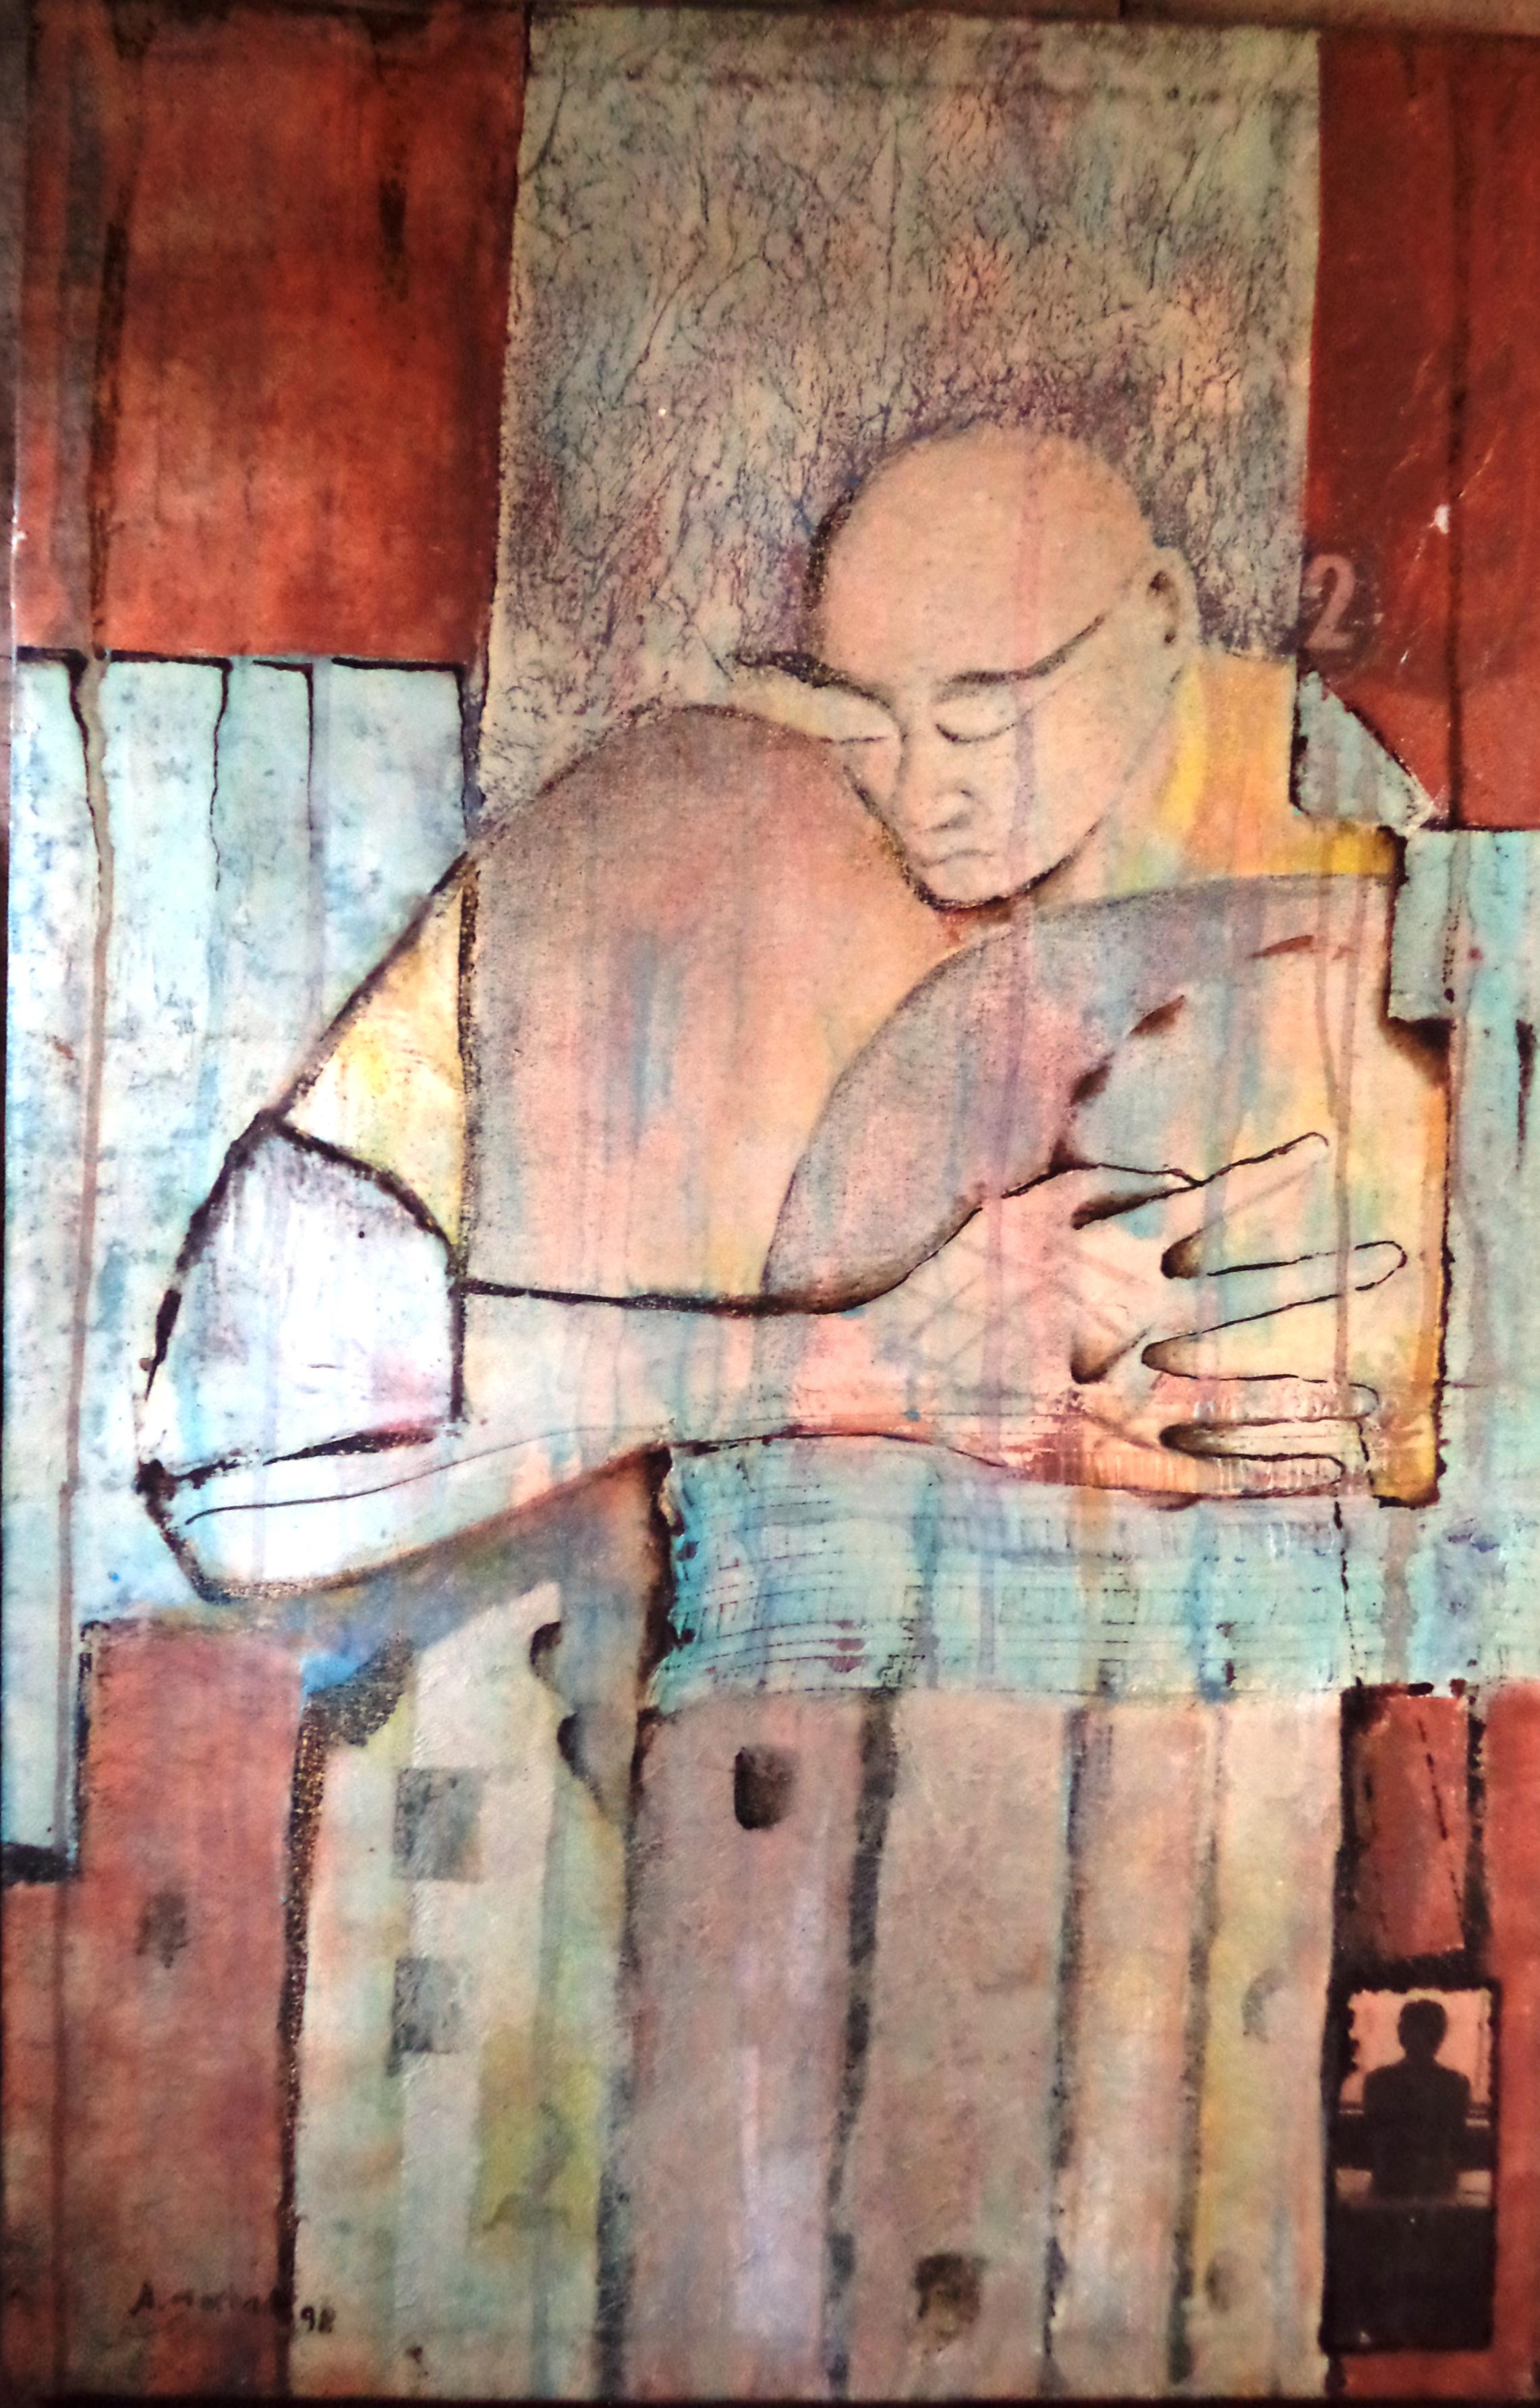 Antonio Morbach - S. título, 1998. Pintura acrílica,101.5X66.5